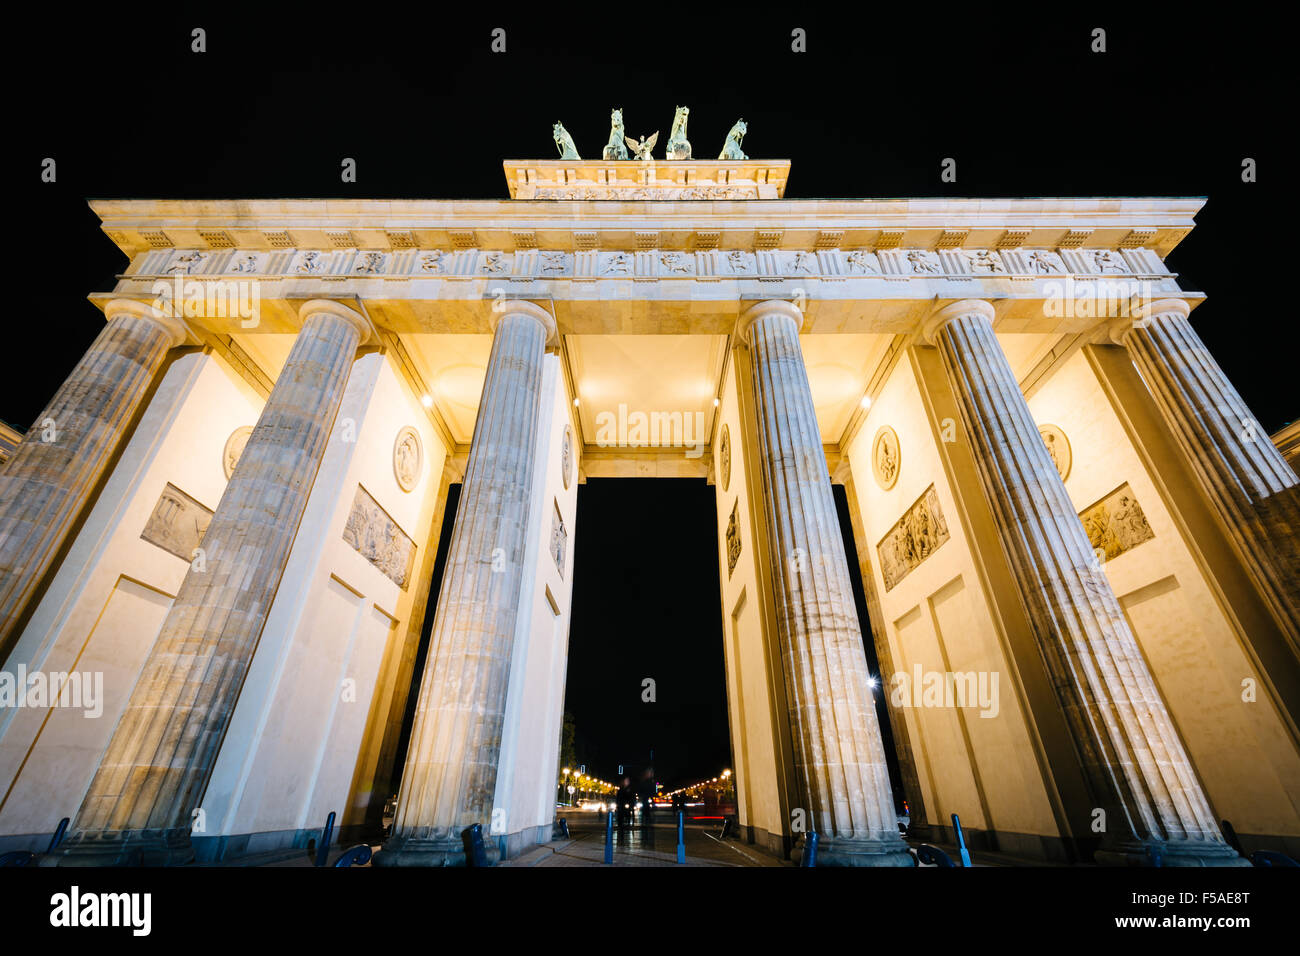 Das Brandenburger Tor bei Nacht, in Berlin, Deutschland. Stockbild